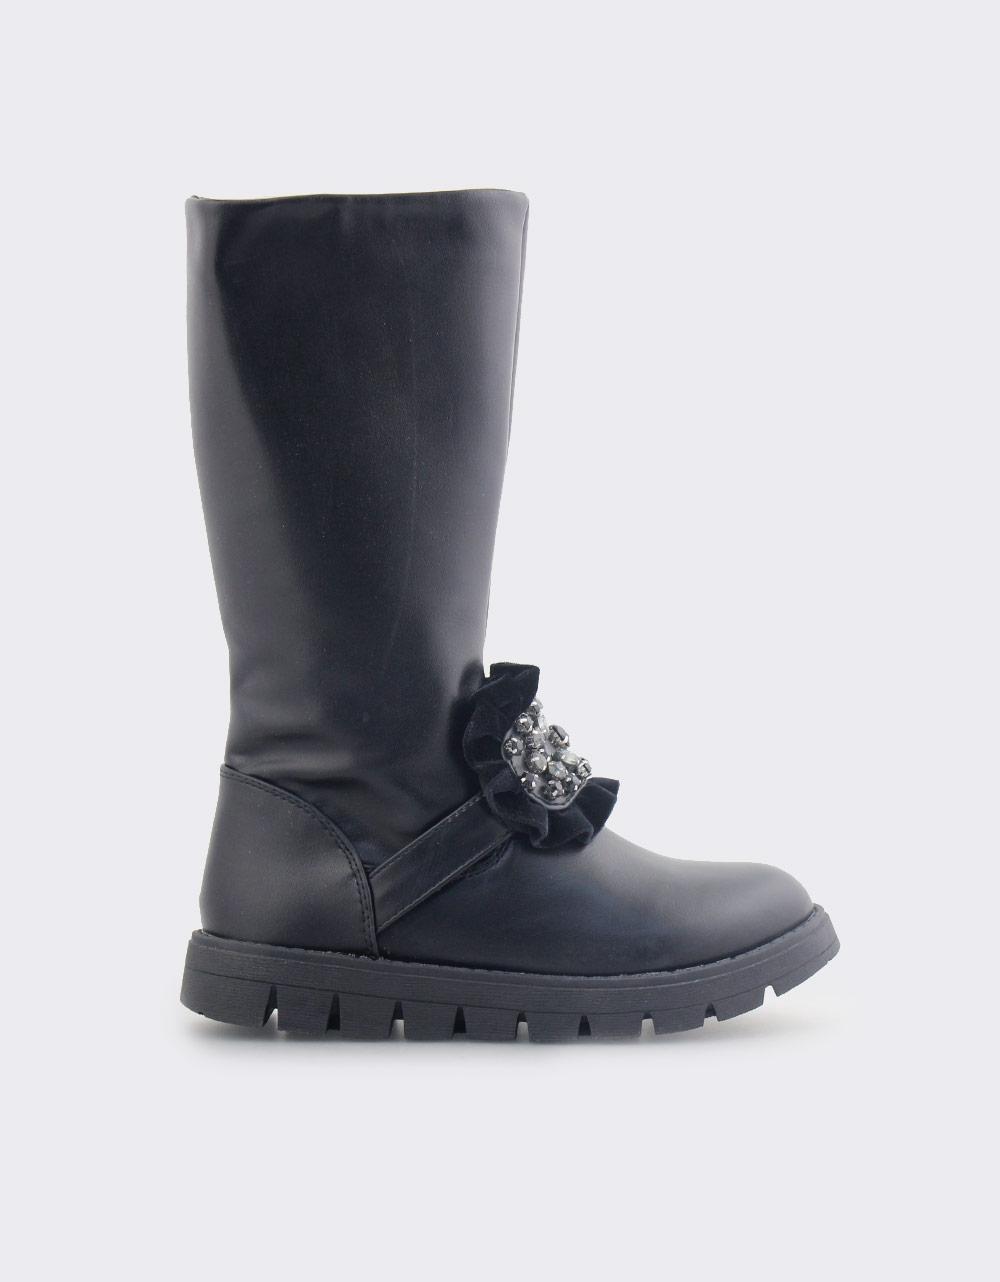 Εικόνα από Παιδικές μπότες με διακοσμητικό Μαύρο